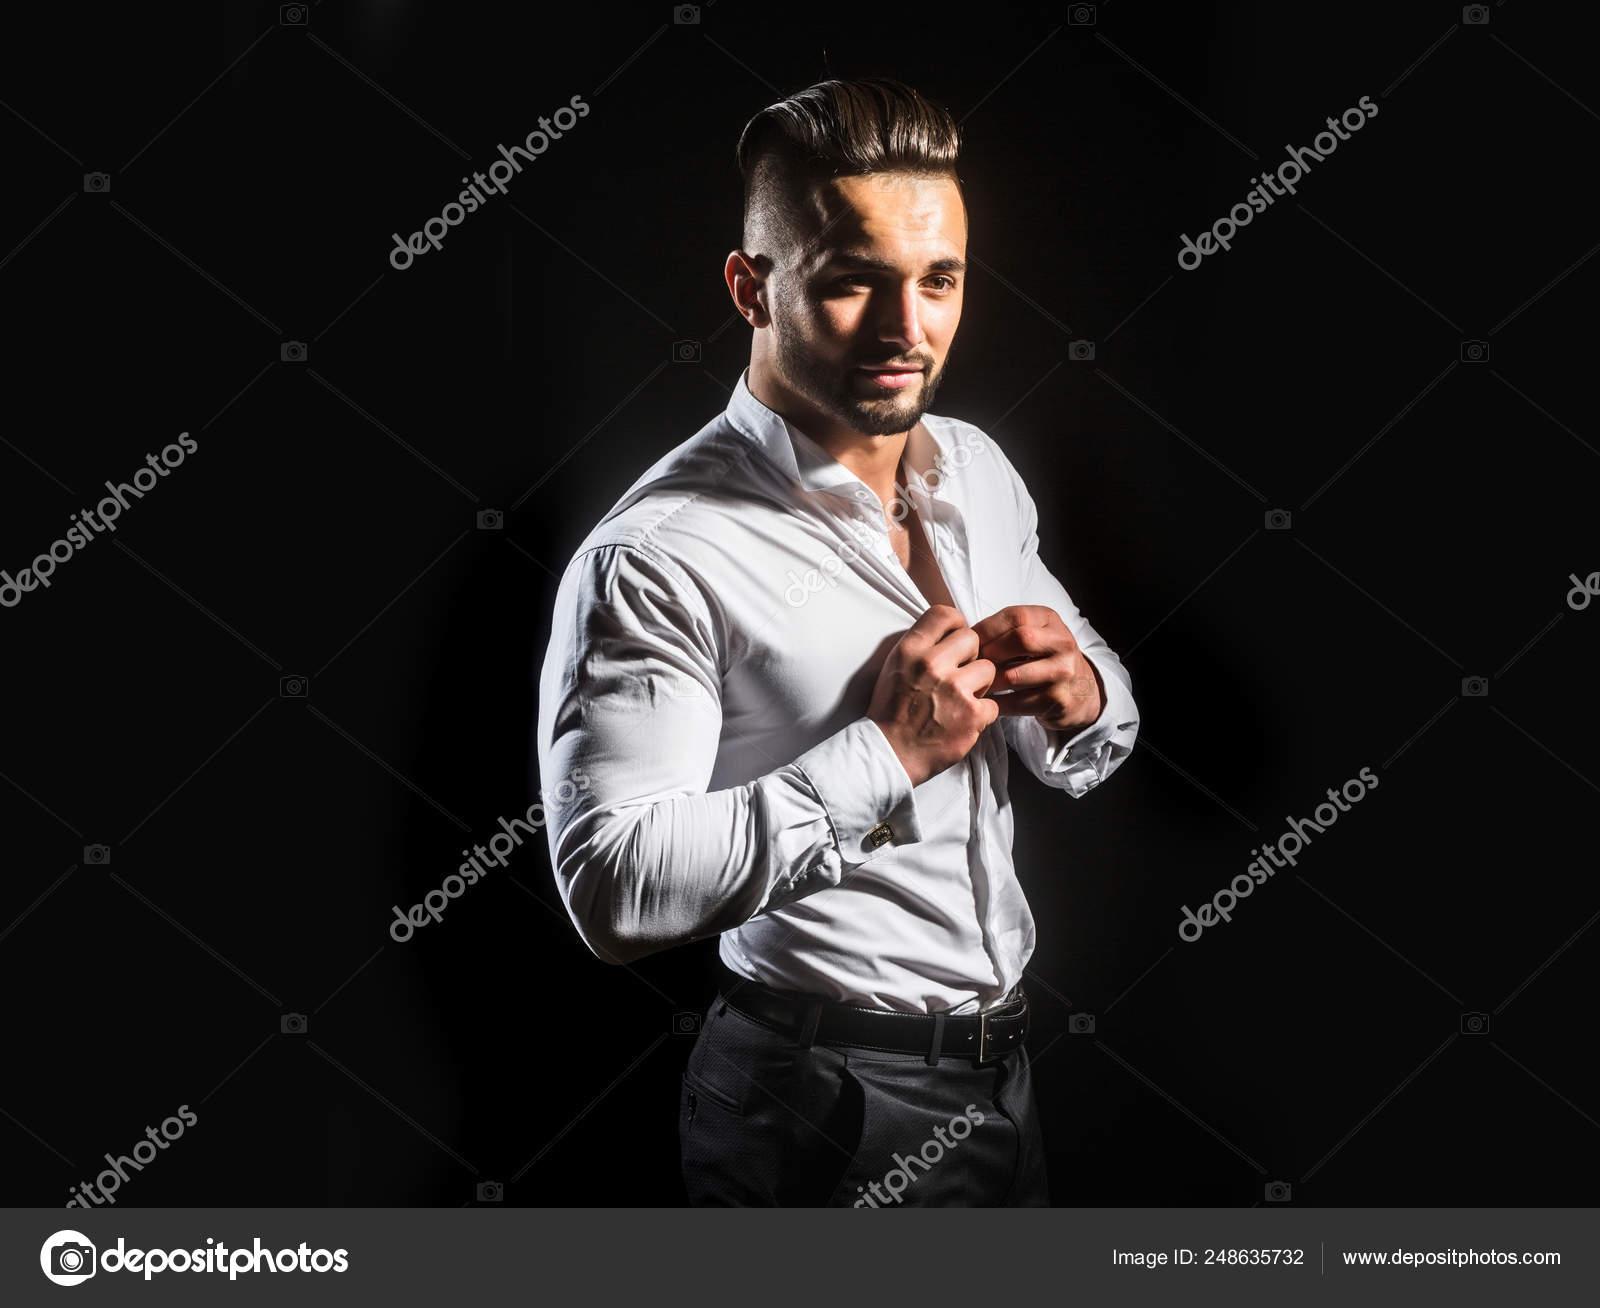 76dfd79822 Botones de una camisa blanca. Hombre botones hasta su posición de camisa  blanca sobre fondo negro. Hombre de negocios piensa en negocios por la  mañana.